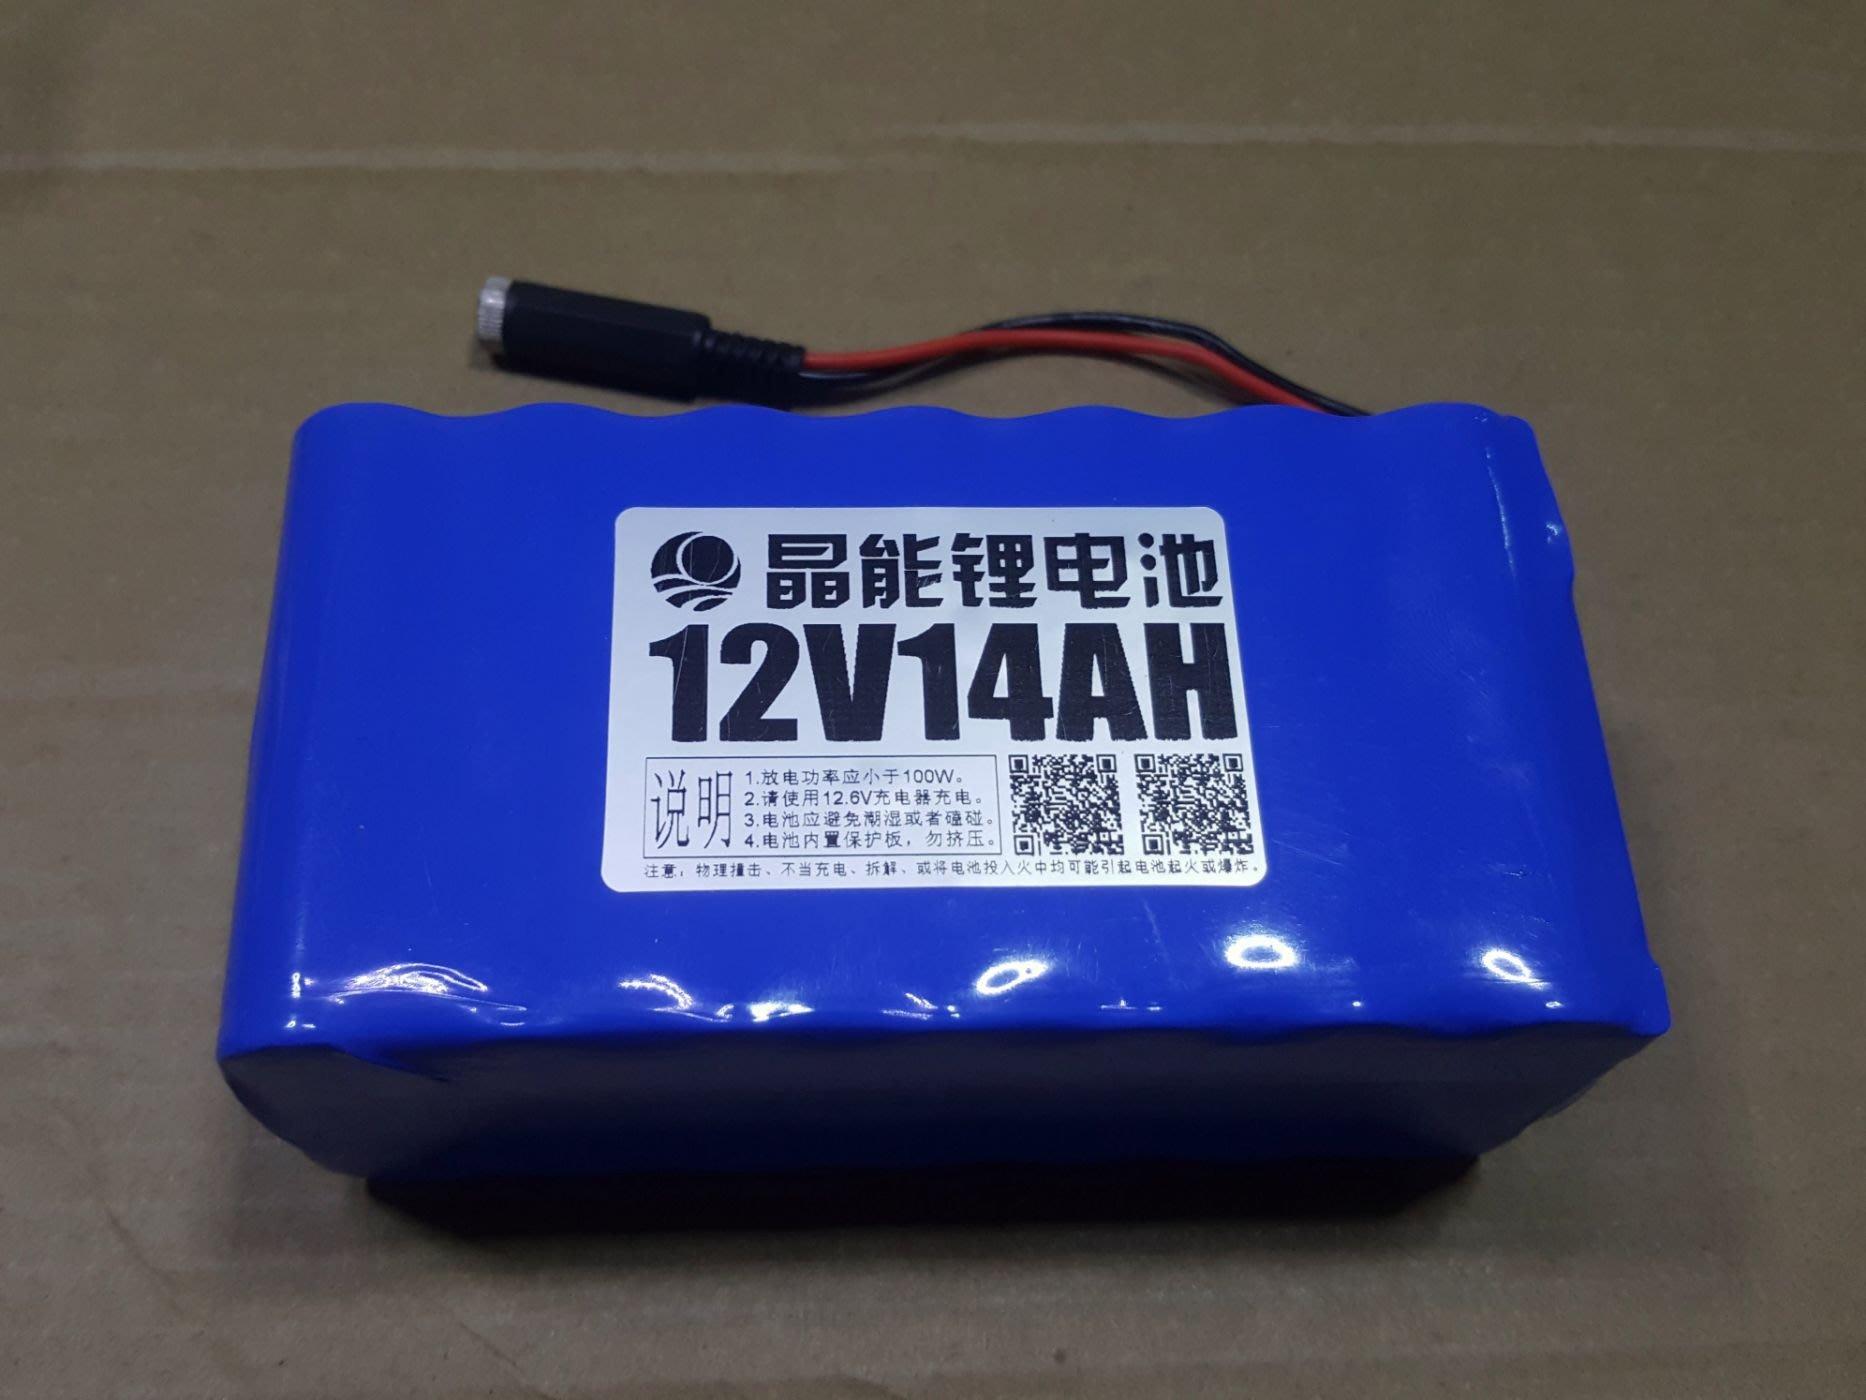 瘋 ~ 特價一顆 臺灣現貨不用等 全新 鋰電池12v 14000mAh 充電鋰電池 鋰電池包 14Ah鋰電池組 真材實料21支18650工業行動電源 送充電器